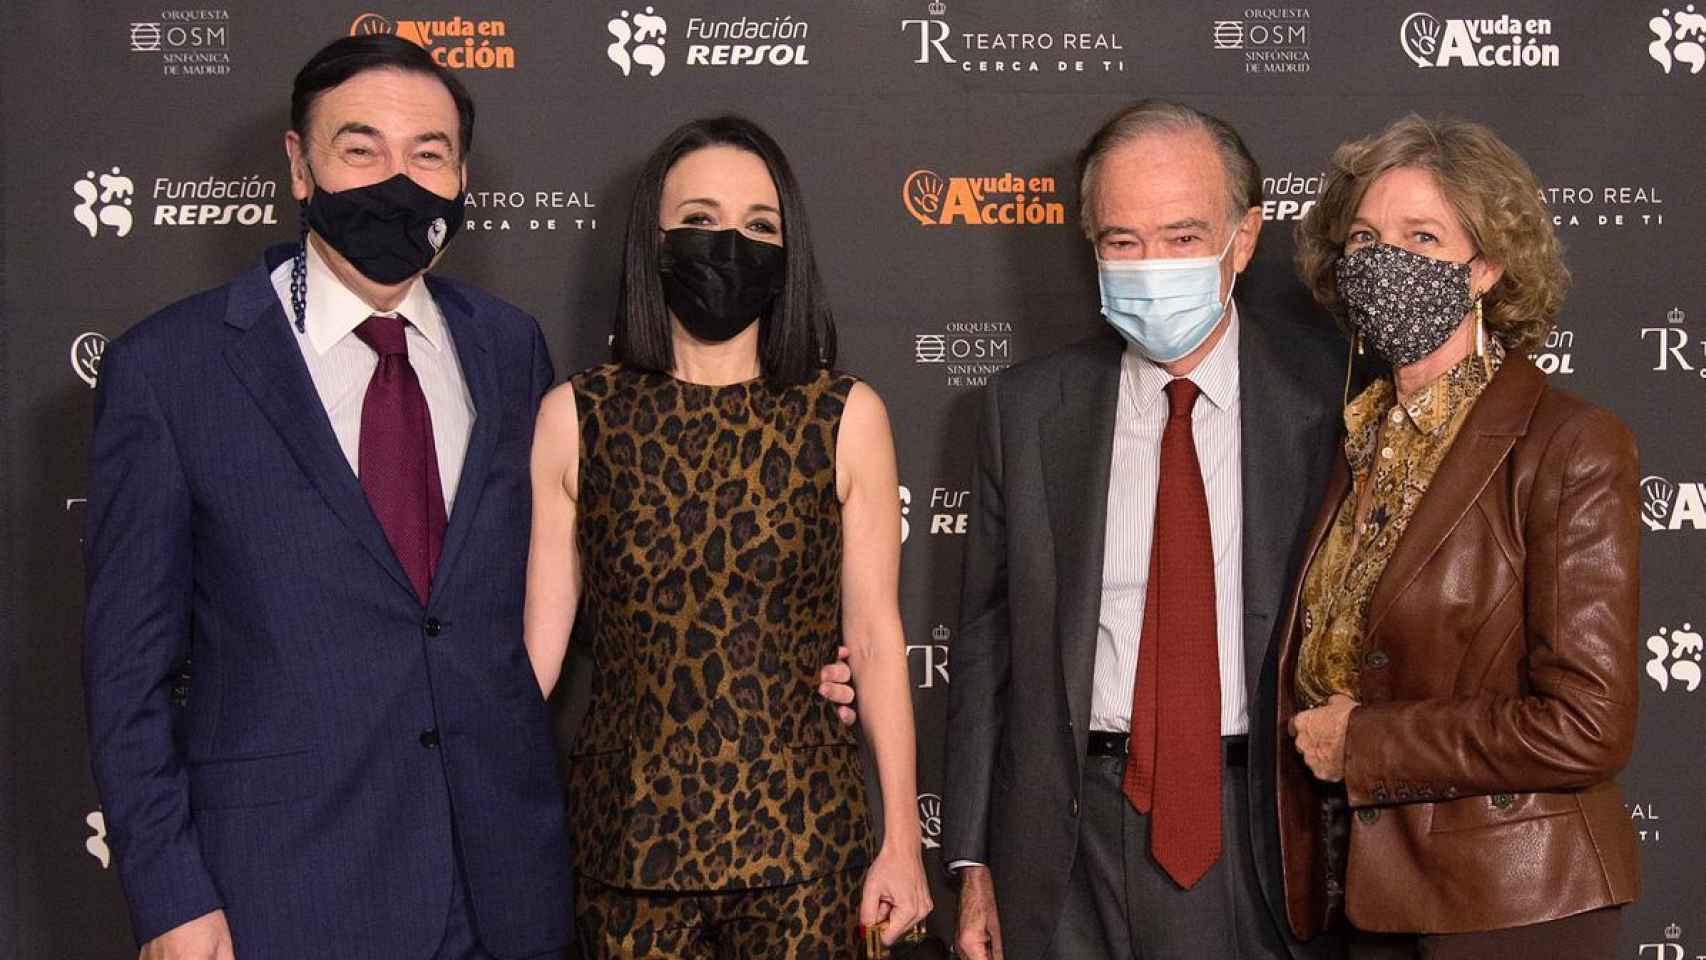 Pedro J. Ramírez y Cruz Sánchez de Lara junto a Gregorio Marañón, presidente del Teatro Real, y su mujer, Pilar Solís.